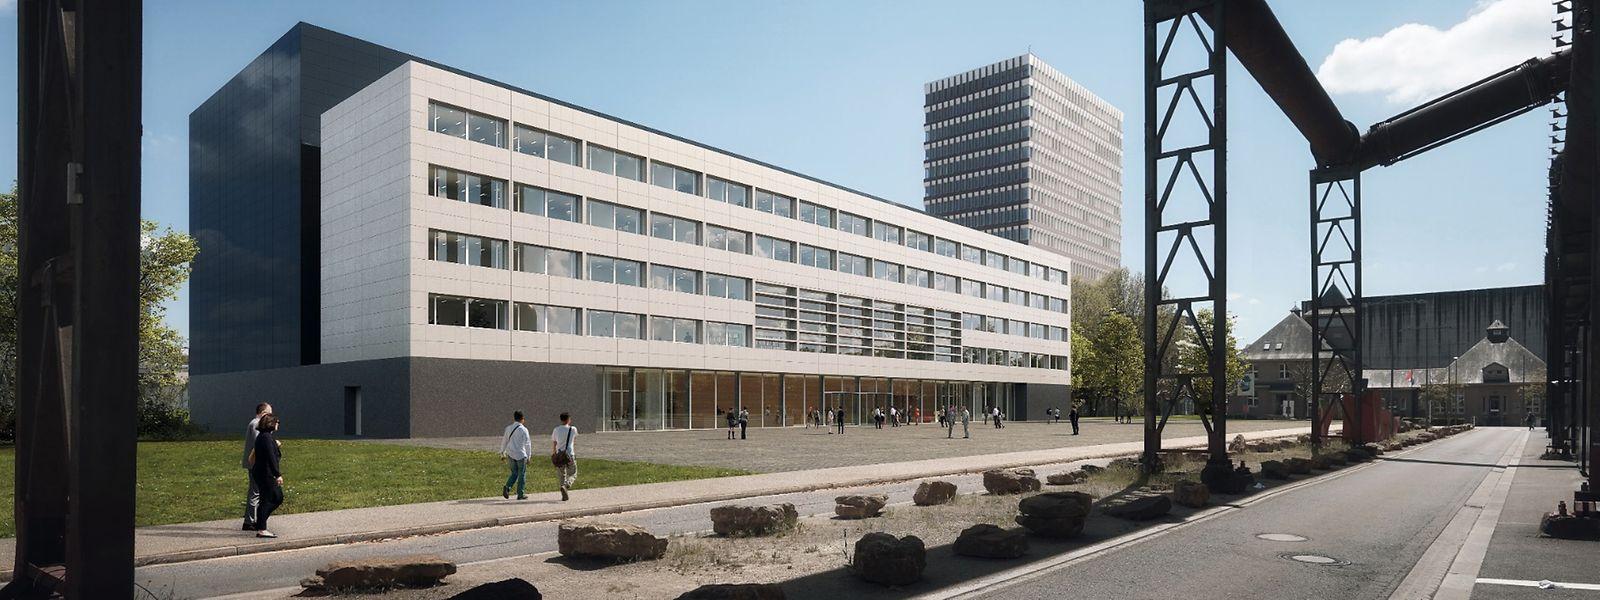 L'ancienne directrice adjointe gèrera notamment la construction des futures Archives nationales.